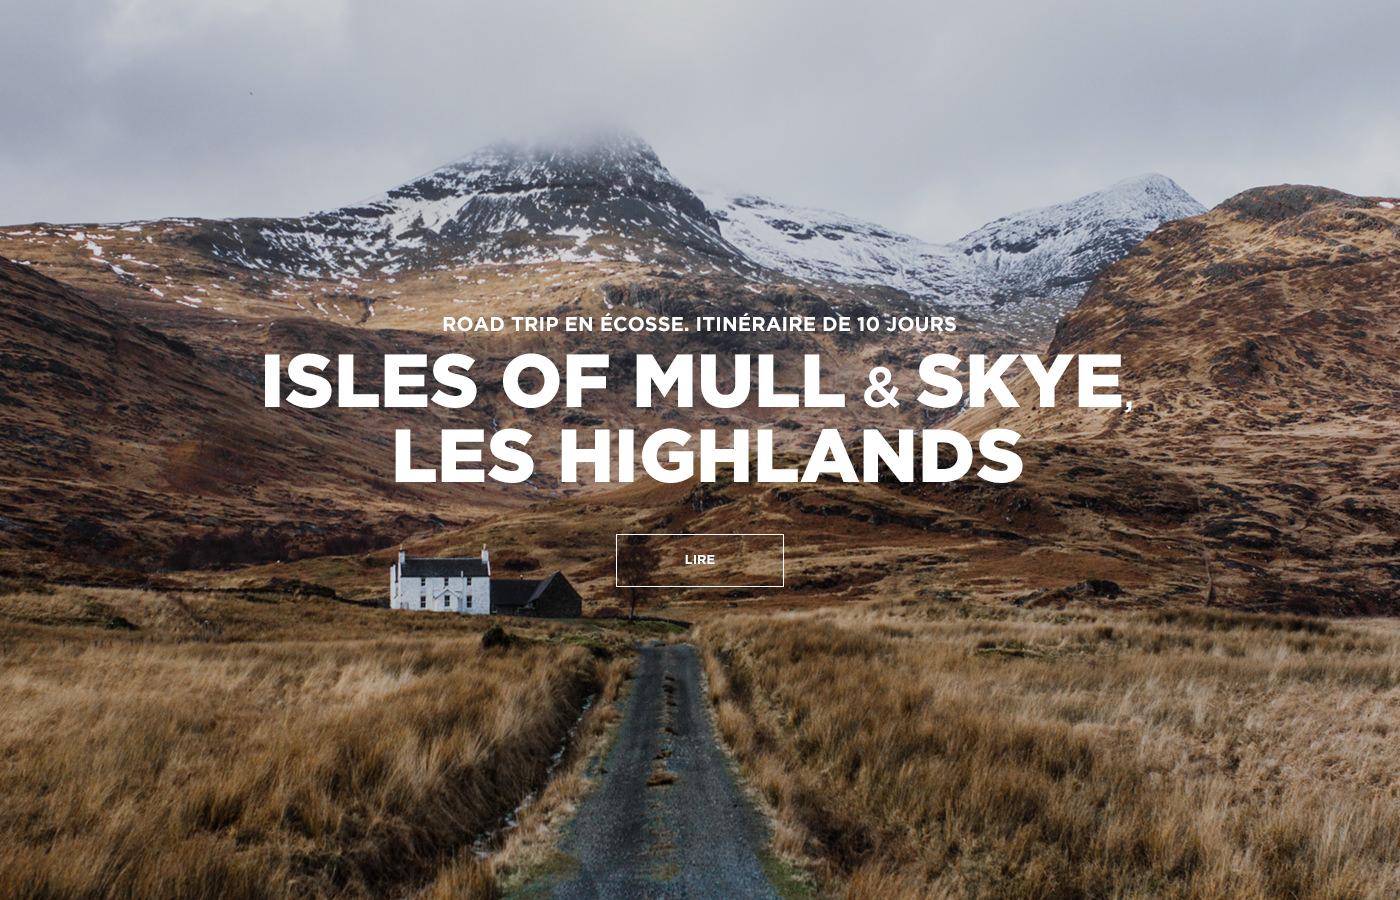 Road Trip en Ecosse : Ile de Mull, Ile de Skye, les Highlands — Itinéraires de 10 jours